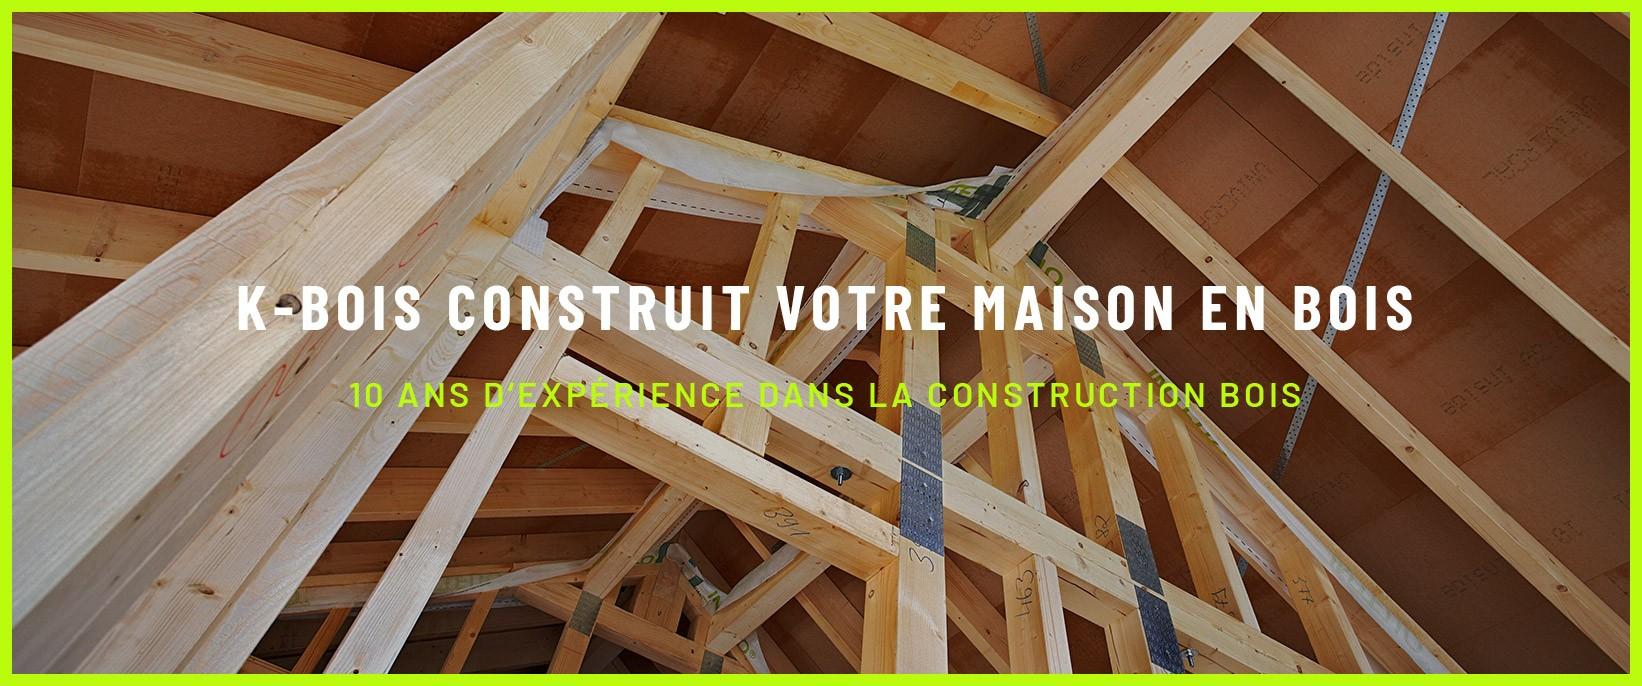 Maison Ossature Bois Vosges entreprise construction maison ossature bois metz - kbois